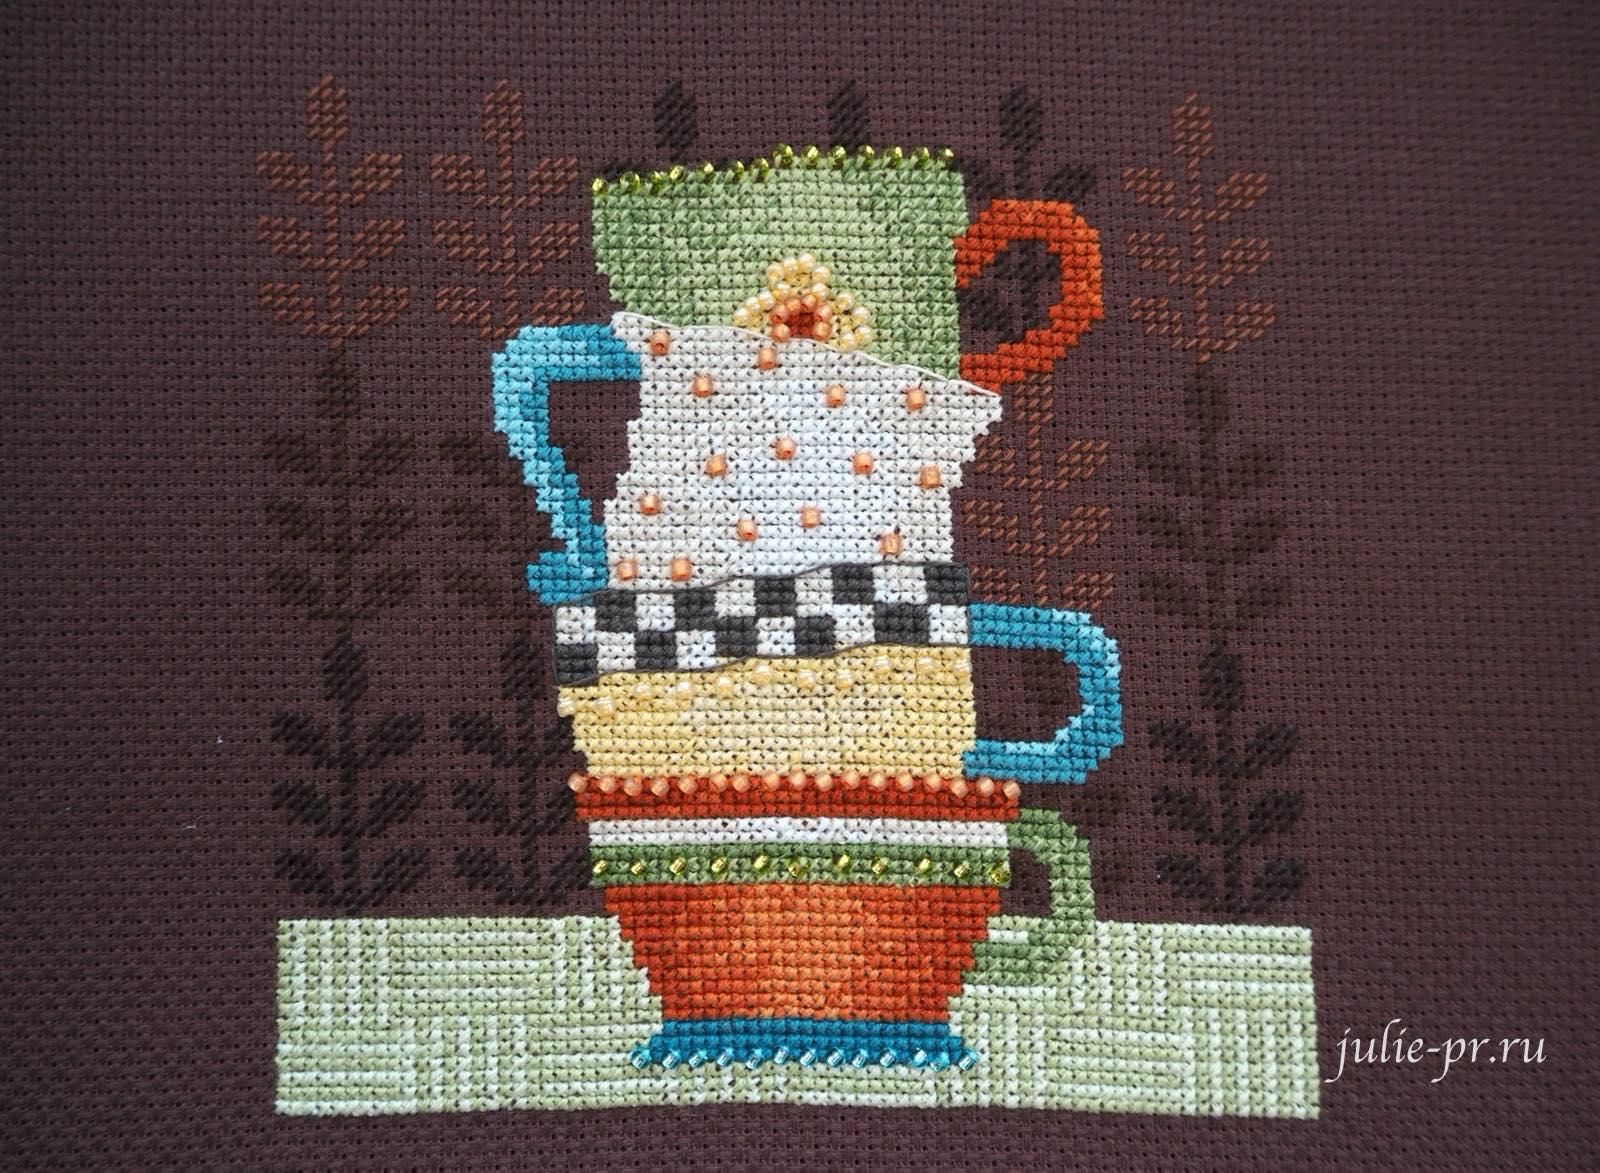 Вышивка крестом, вышивка бисером, Debbie Mumm, Mill Hill DM30-1615 Coffee Cups, Кофейные чашки, кофе